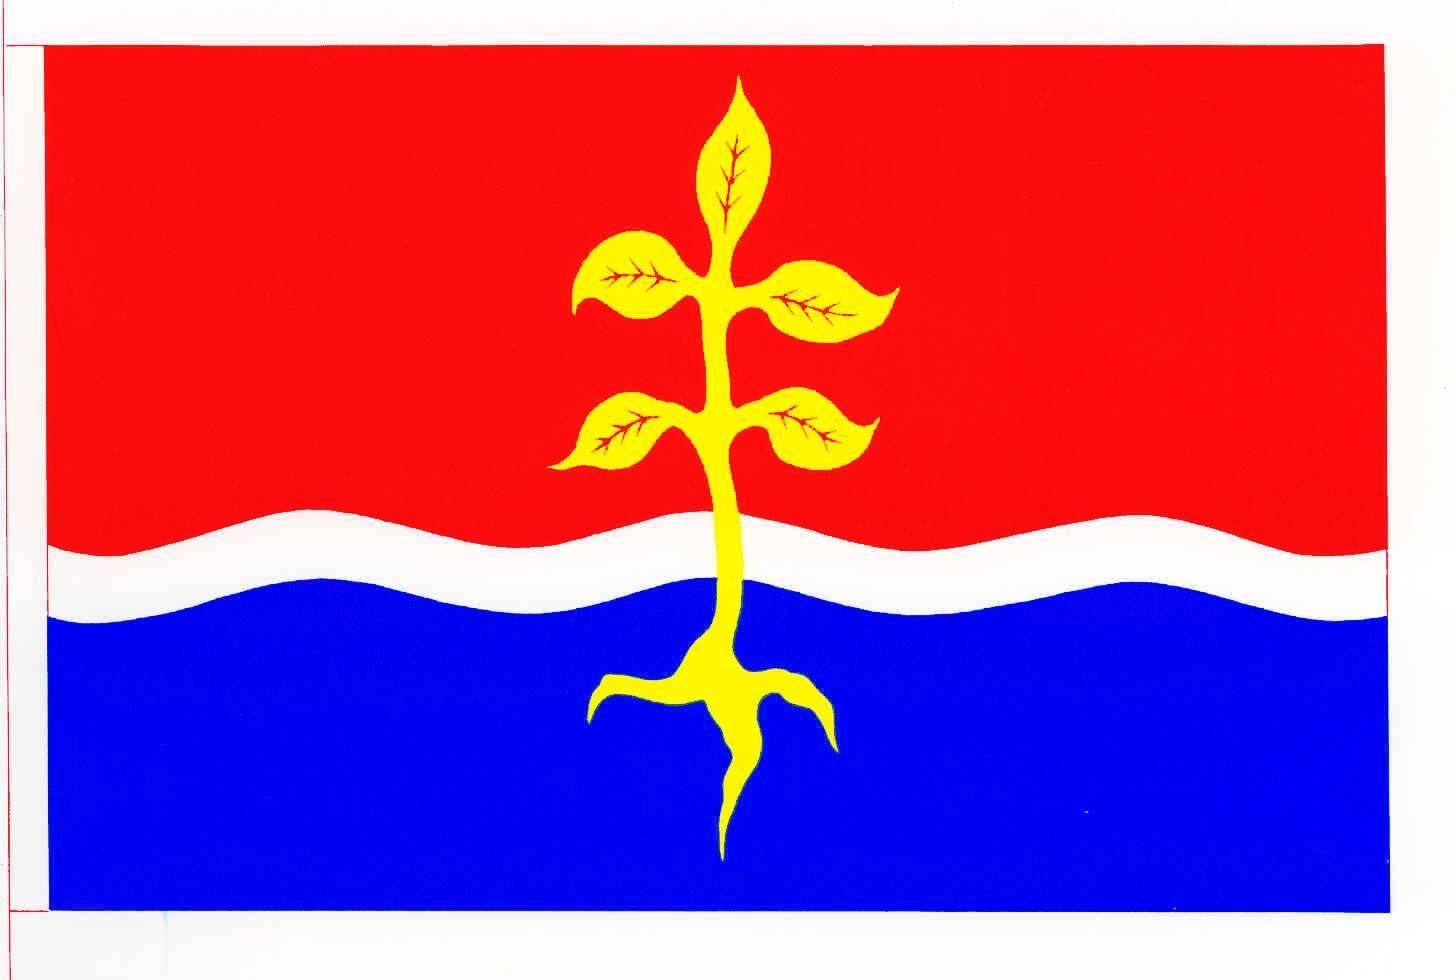 Flagge GemeindeSchmalensee, Kreis Segeberg